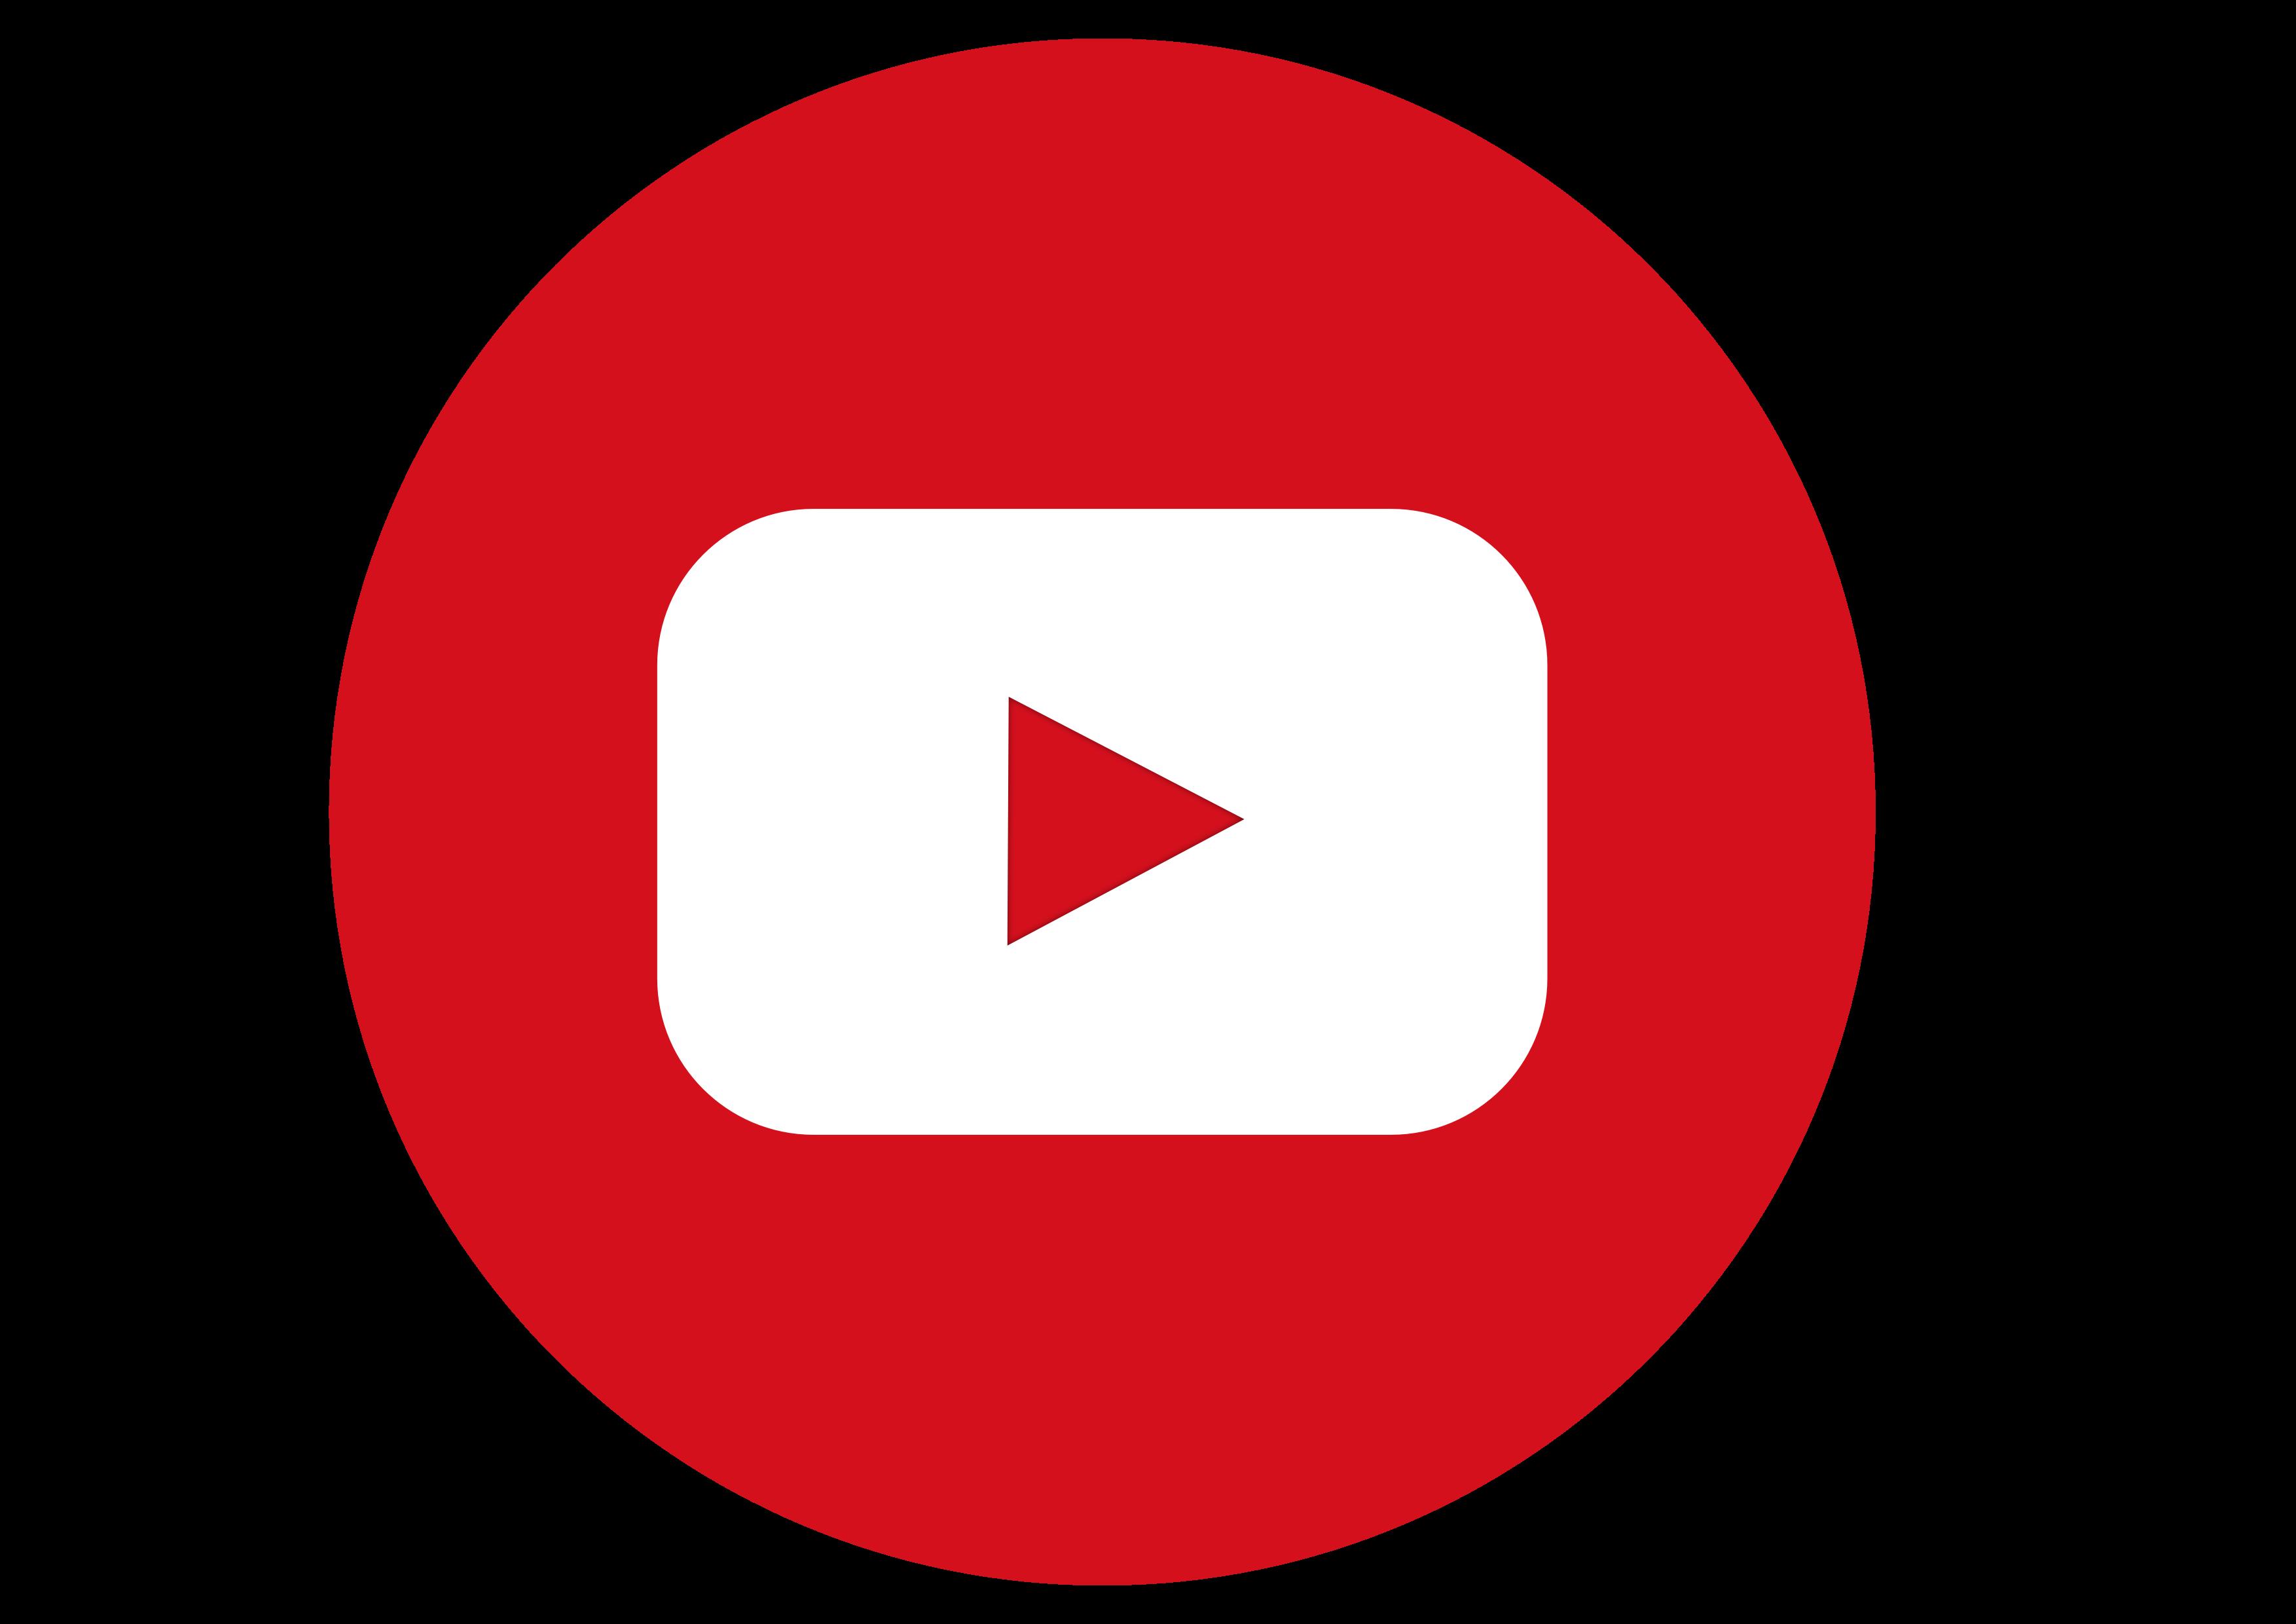 youtube logo icon transparent | Youtube logo, Youtube logo png, App logo